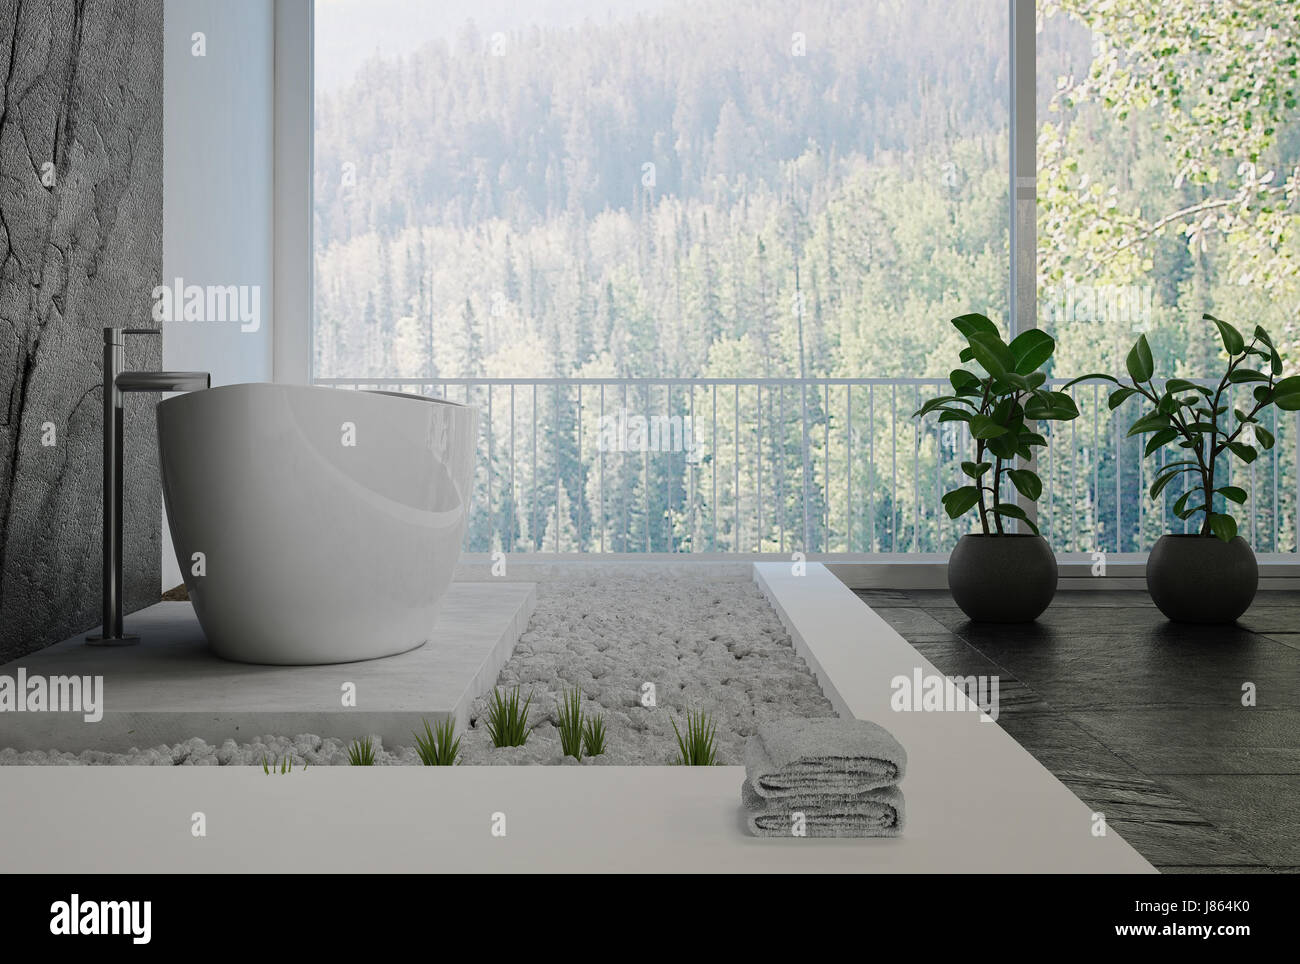 Salle De Bains Design Interieur Elegant Avec Un Decor De